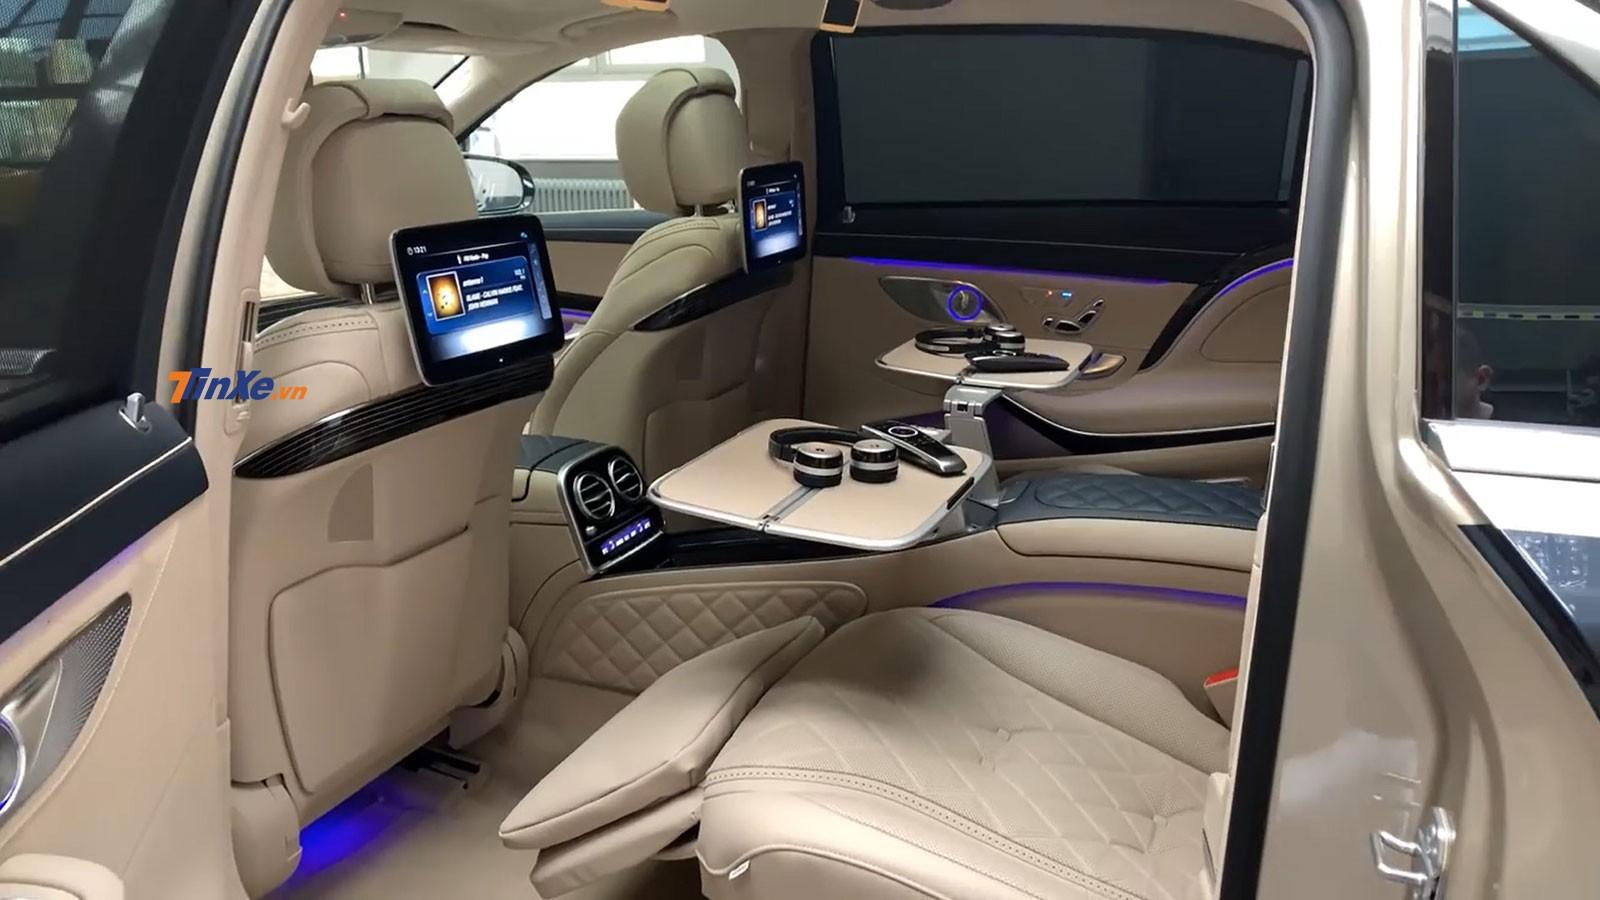 Ghế thương gia và màn hình giải trí cho hành khách phía sau của chiếc Mercedes-Maybach S560 4Matic 2019